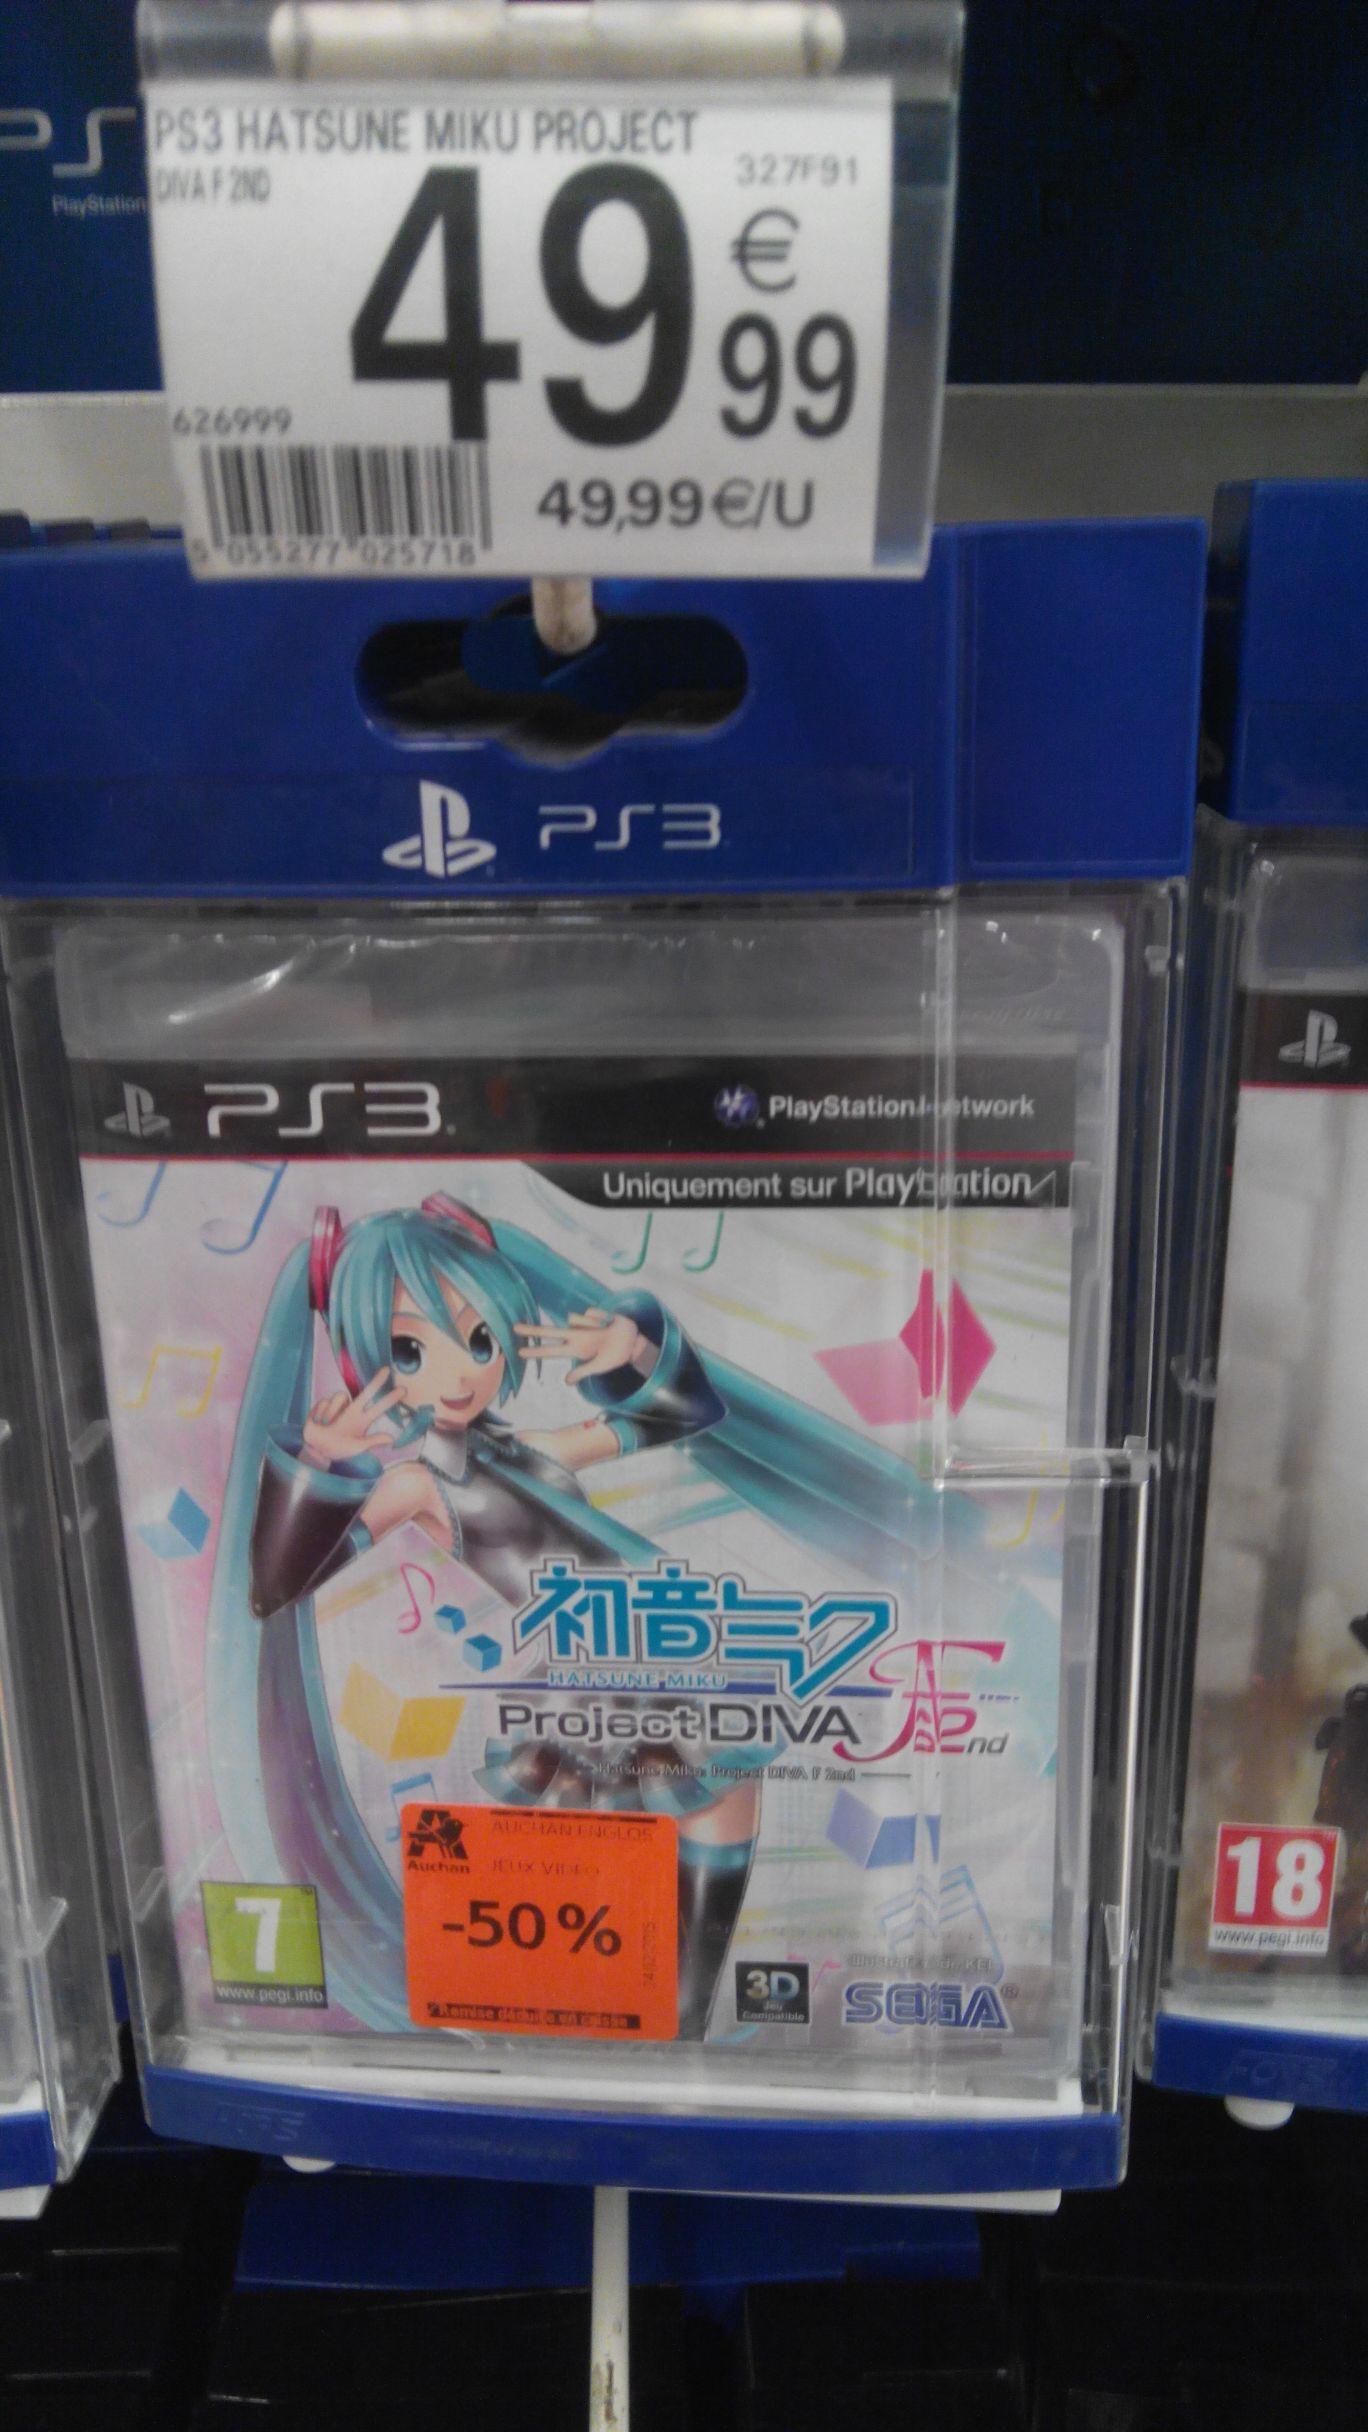 Sélection de jeux vidéo à -50% - Ex : Hatsune Miku Project Diva sur PS3